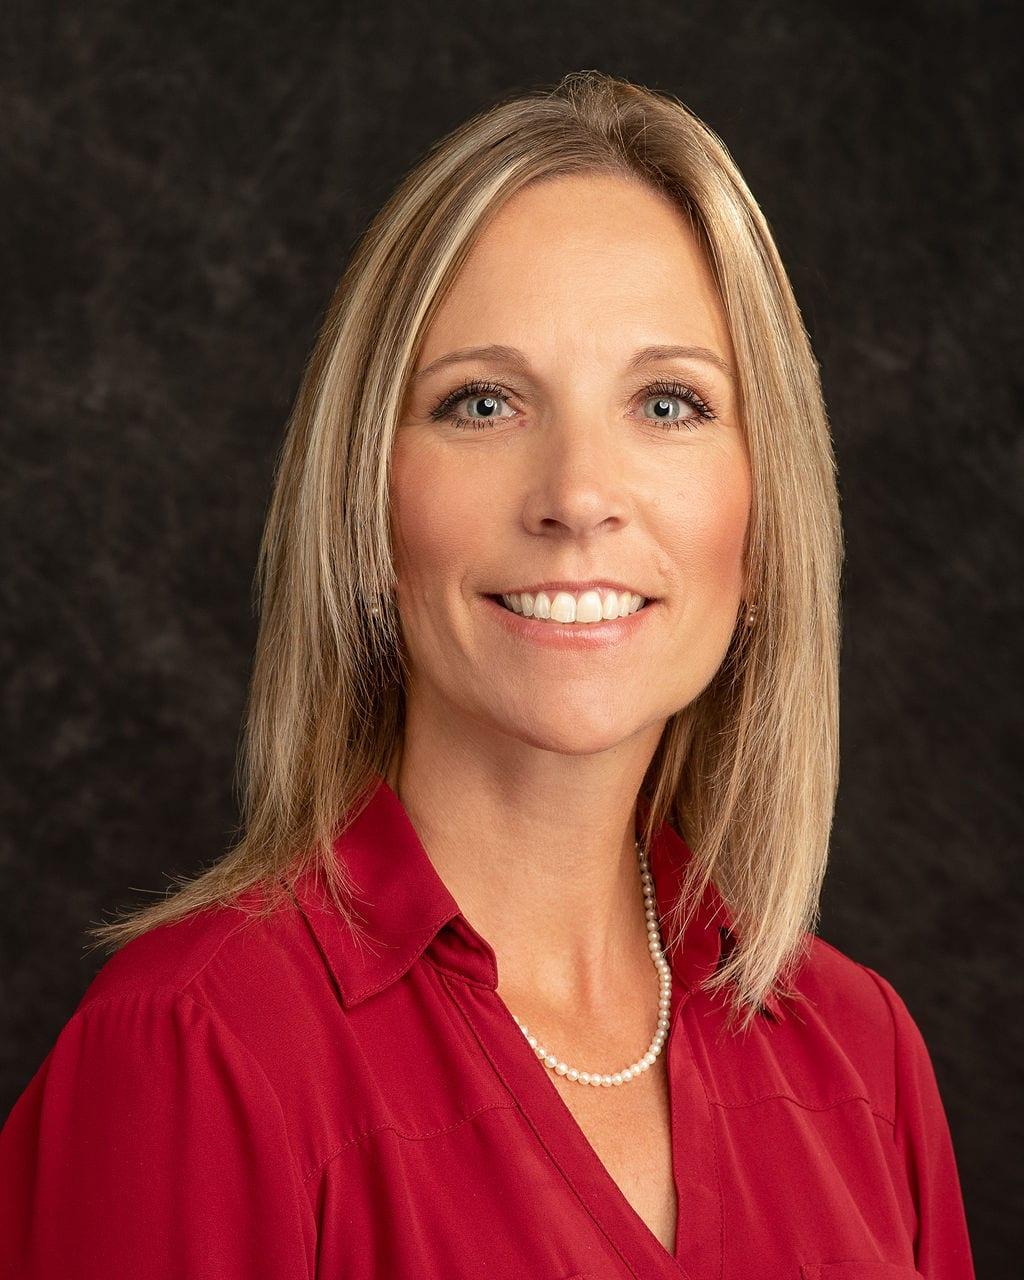 Sarah Eschenbrenner